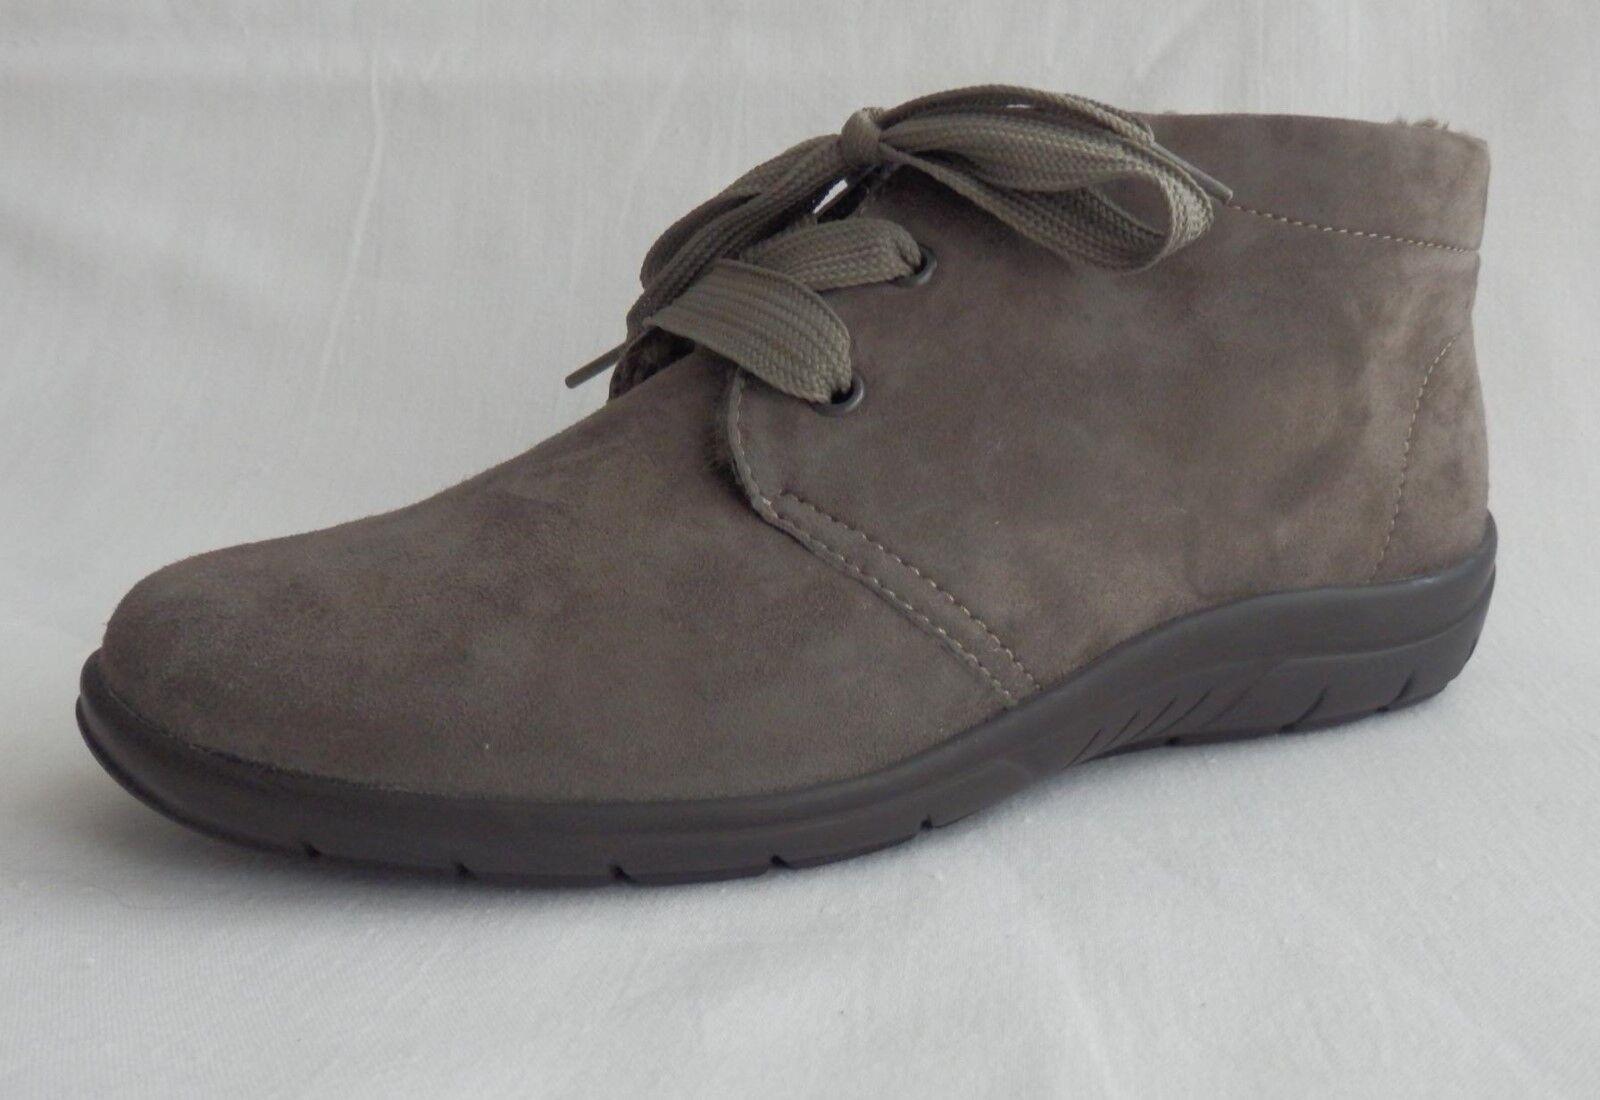 Semler Semler Semler señora Michelle botín botas talla 37 37,5 38 38,5 39 41 43 44 ancho H  Ahorre 35% - 70% de descuento